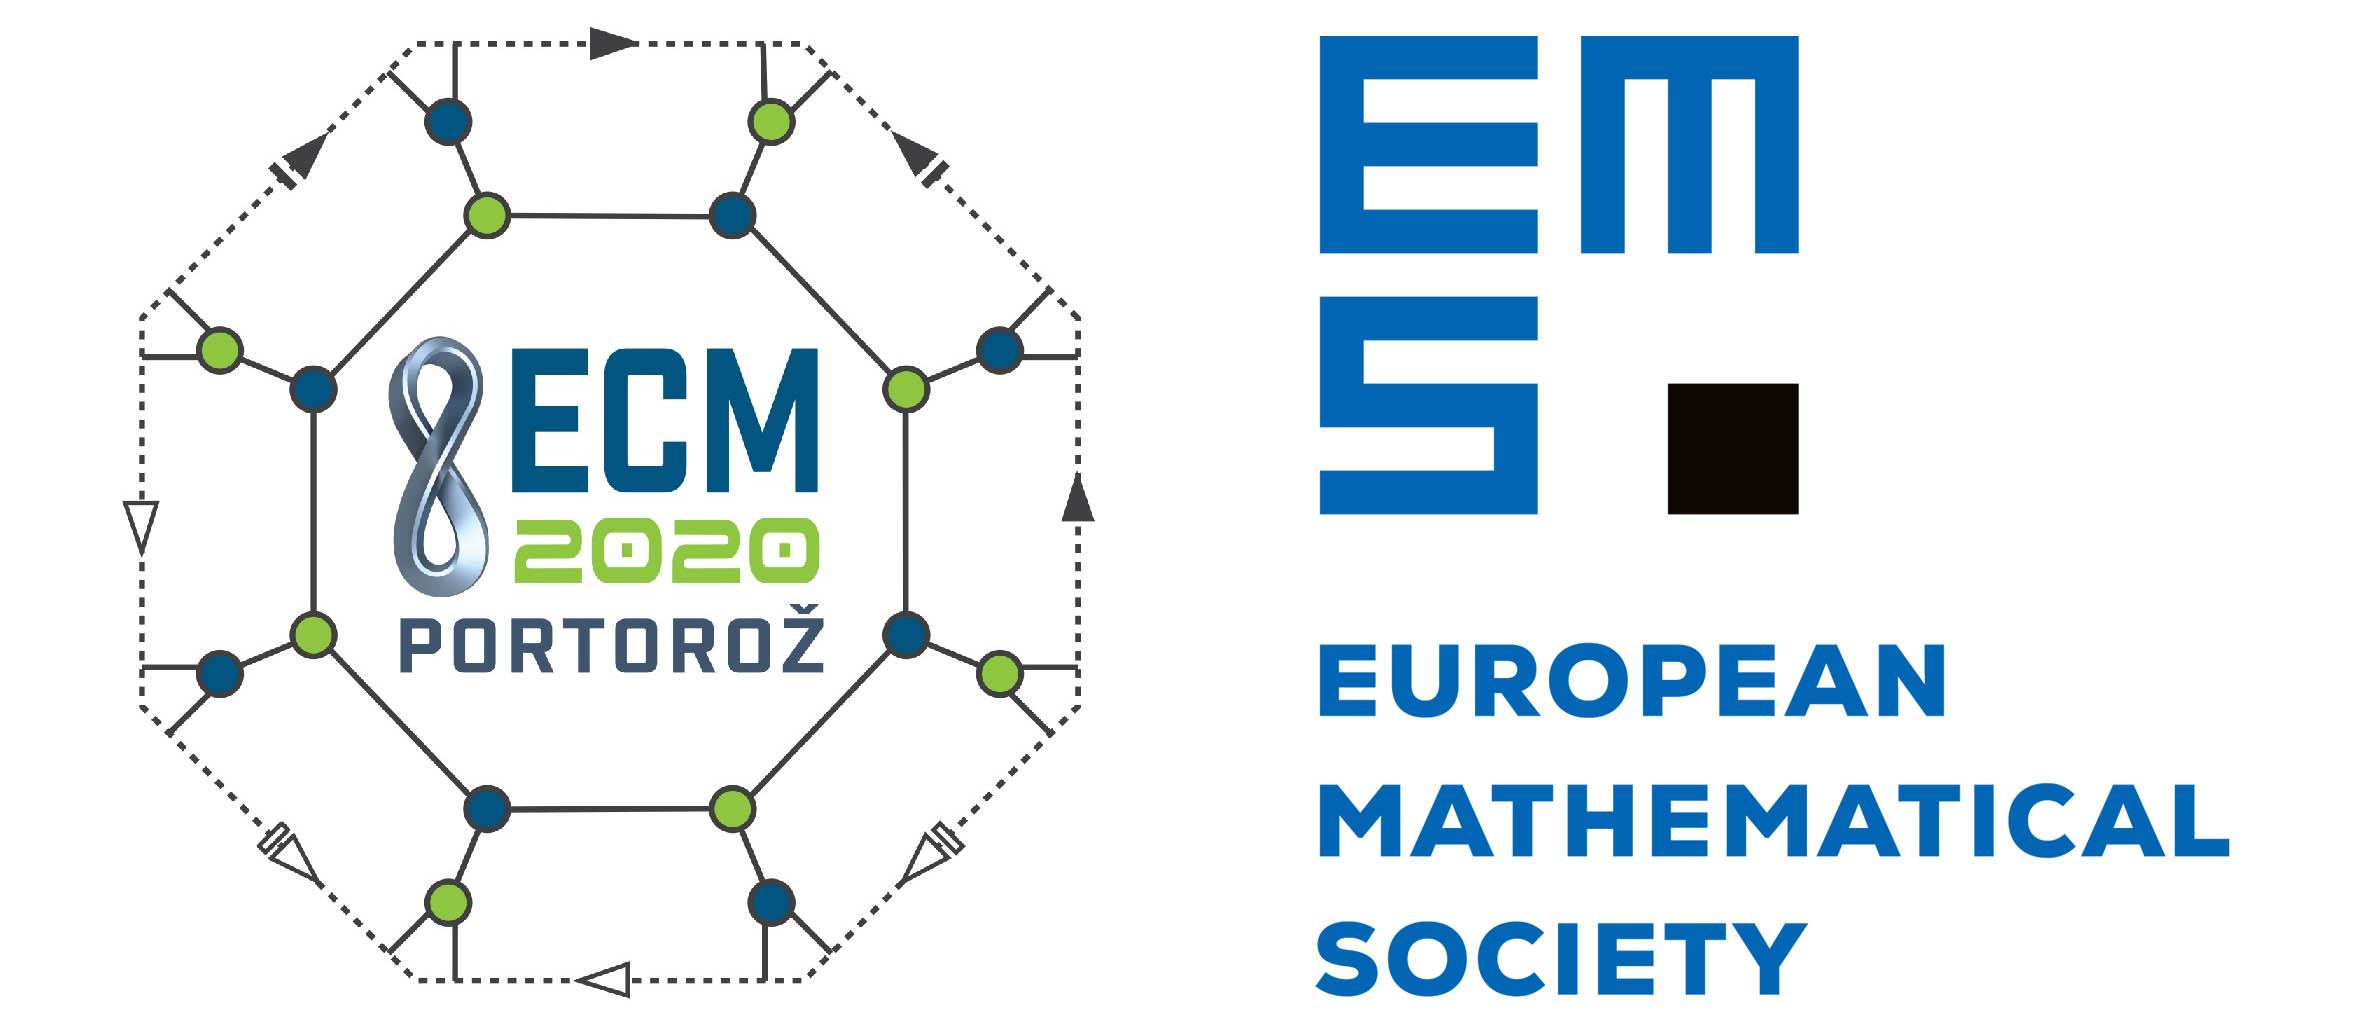 8ECM and EMS